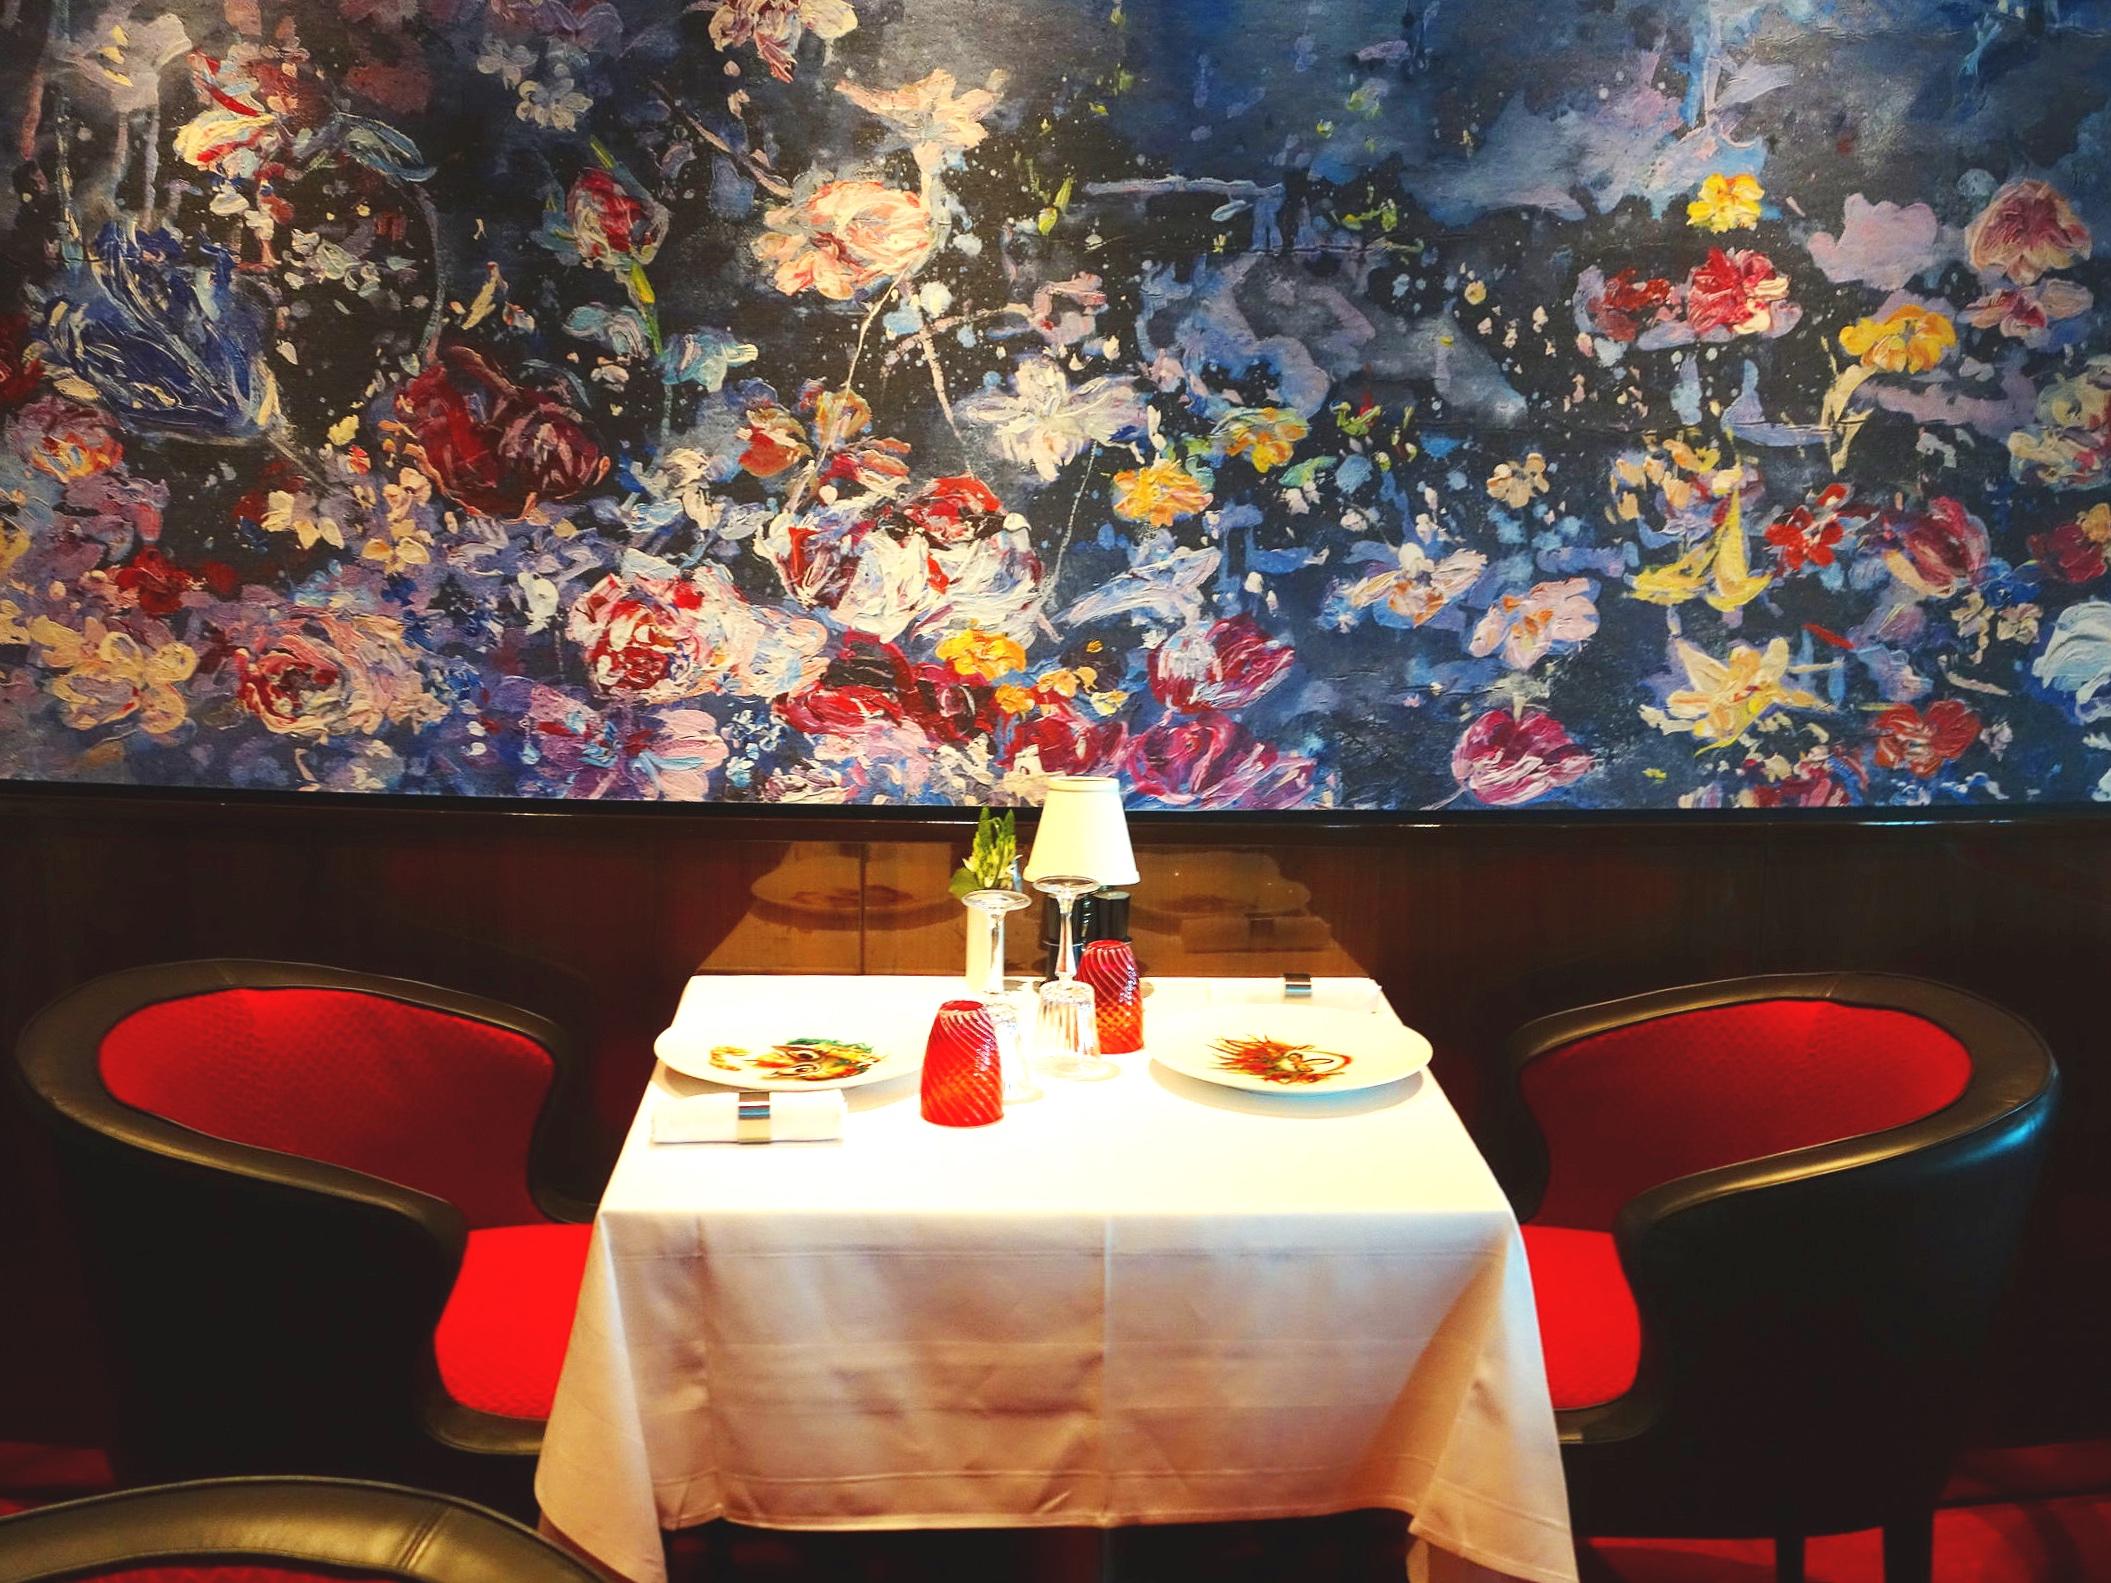 Romantic dinner at Rudi's - perfect.